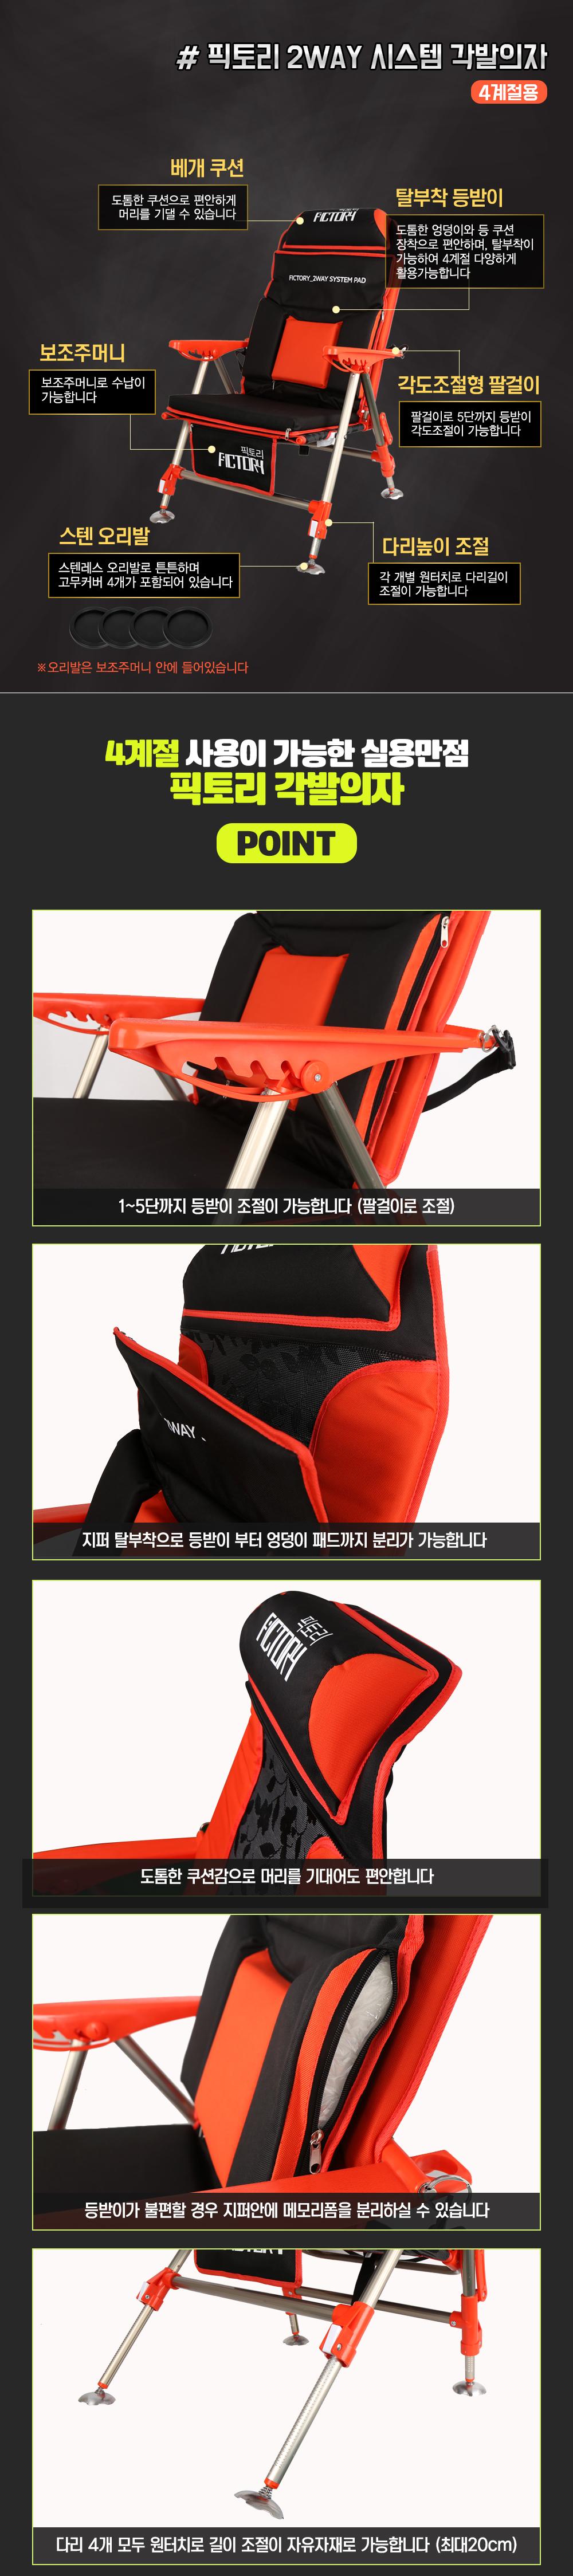 픽토리 2웨이 시스템 각발의자 사계절용 FIC-CR01  낚시의자 의자 피싱체어 민물낚시의자 각발의자 오리발의자 사계절의자 하계용의자 하계낚시의자 메모리폼의자